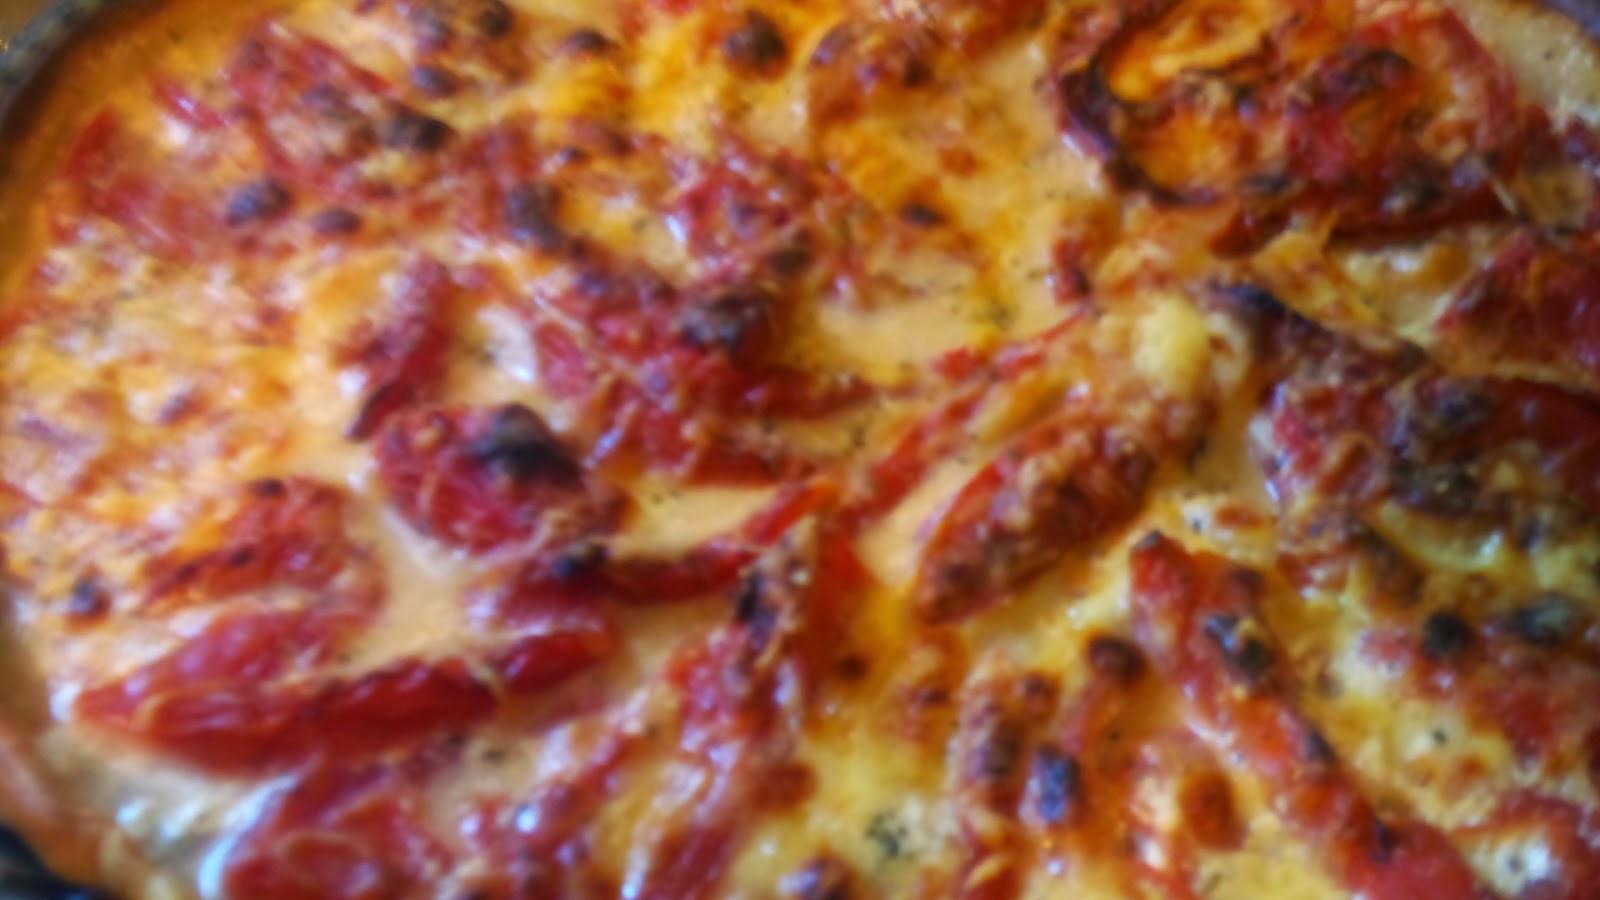 Comment faire un Crêpe garnie façon pizza